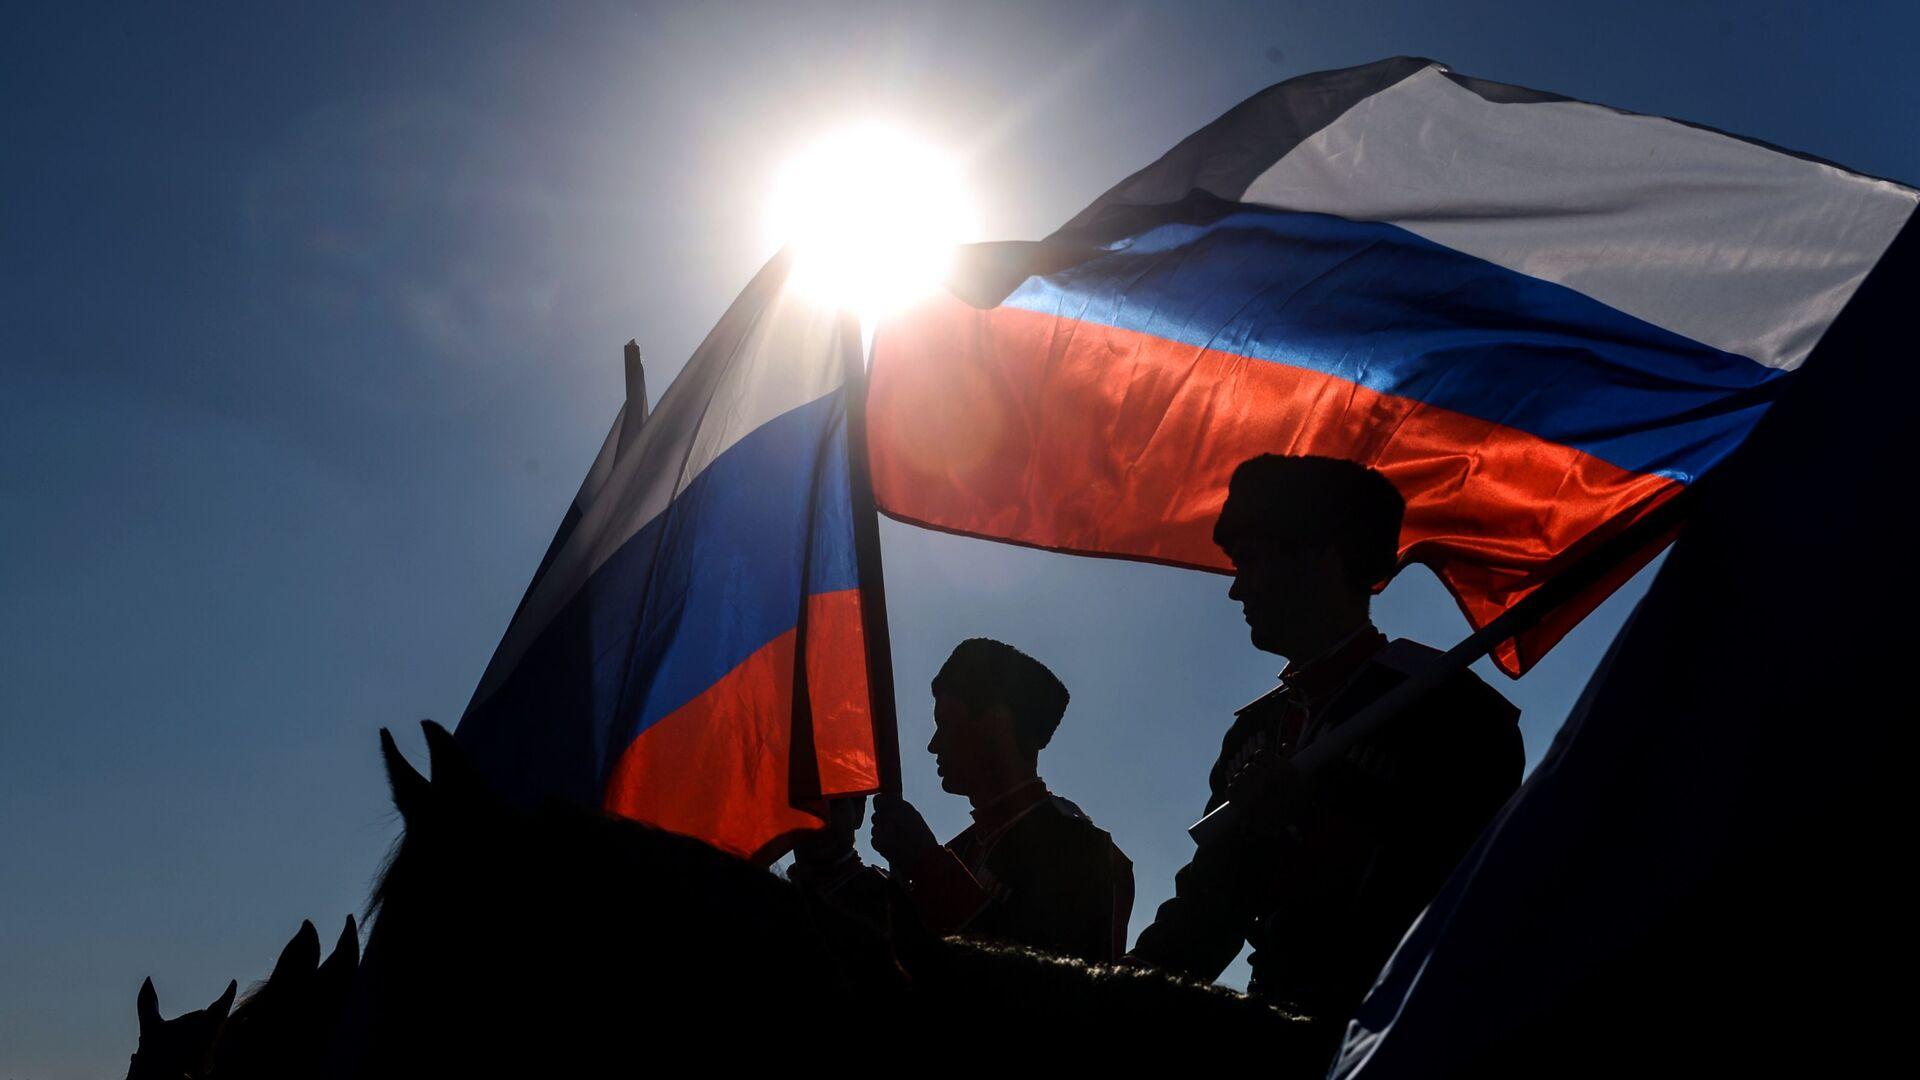 Ruská vlajka - Sputnik Česká republika, 1920, 05.05.2021